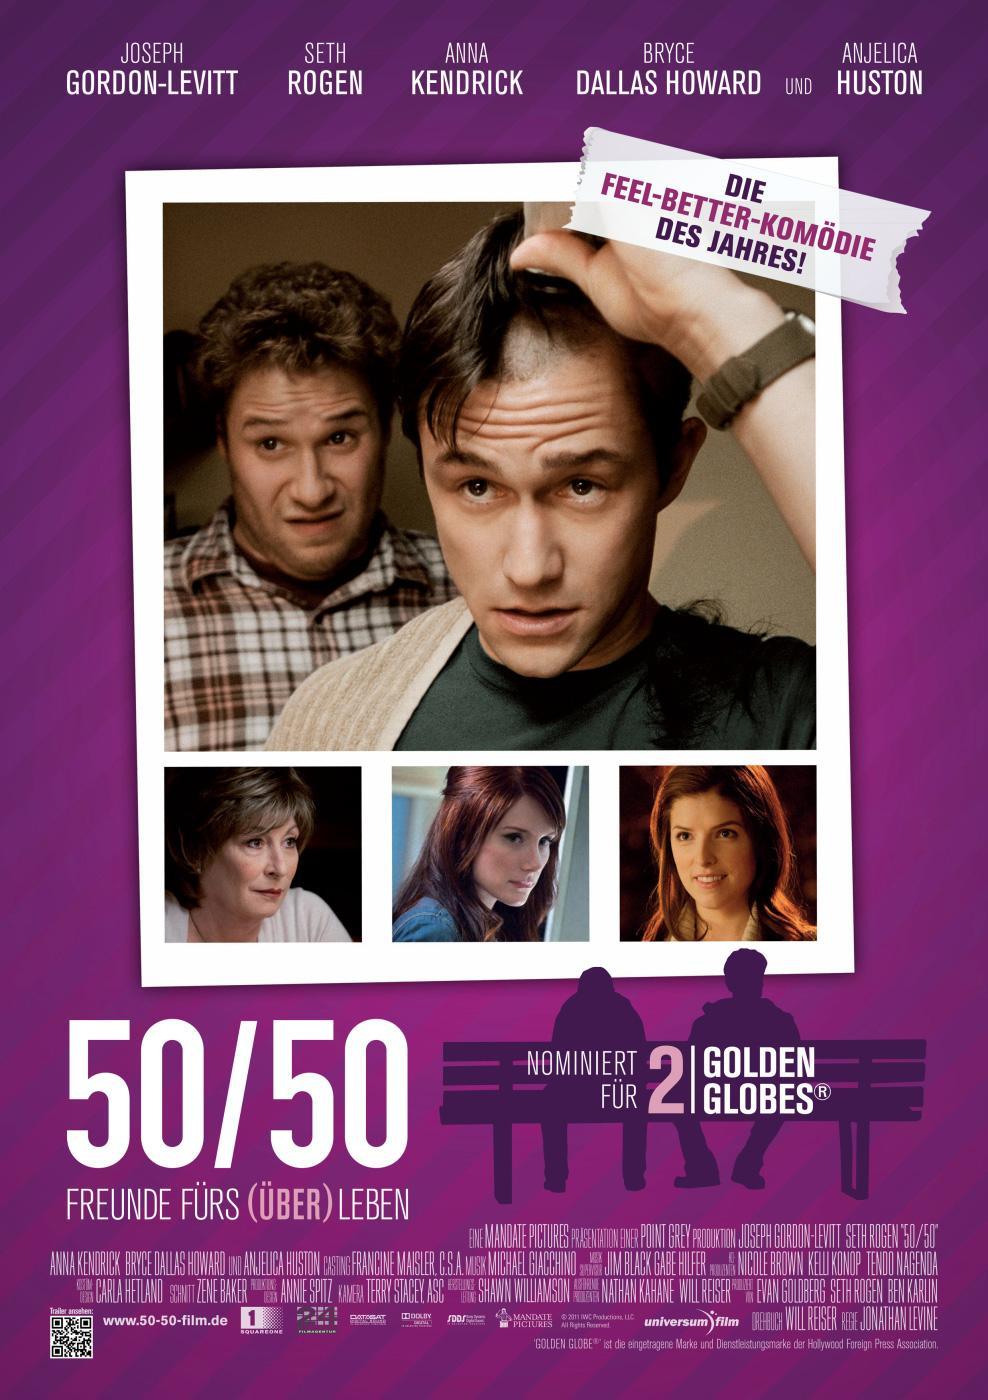 50/50 - Freunde fürs Über(leben) (Poster)